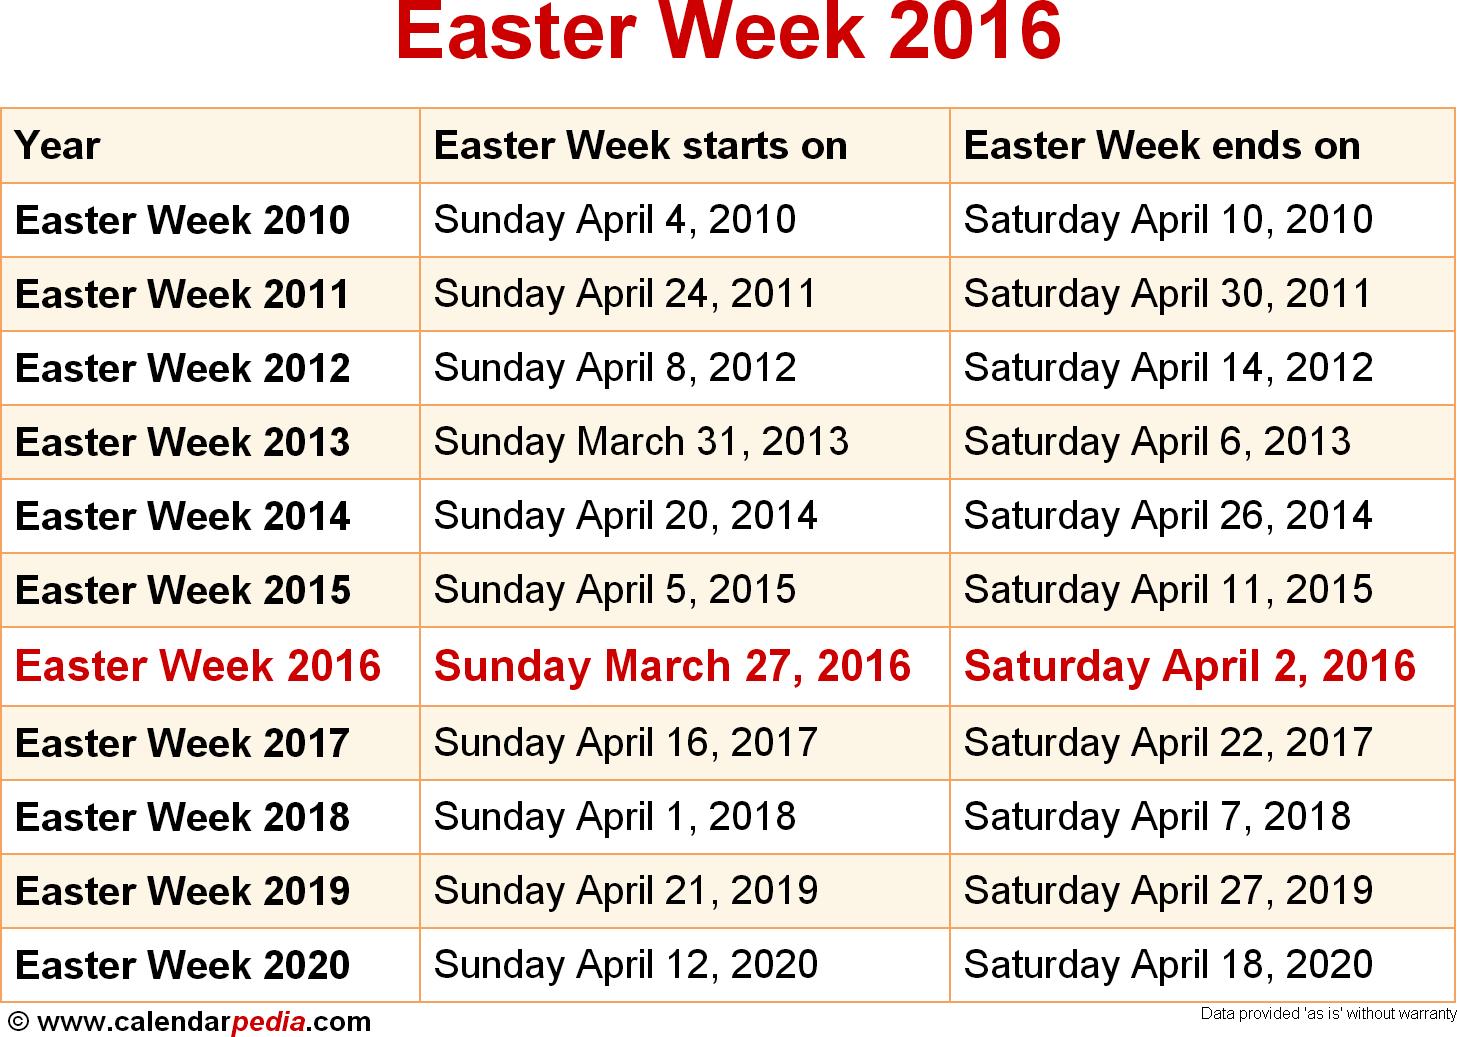 When is Easter Week 2016 & 2017? Dates of Easter Week